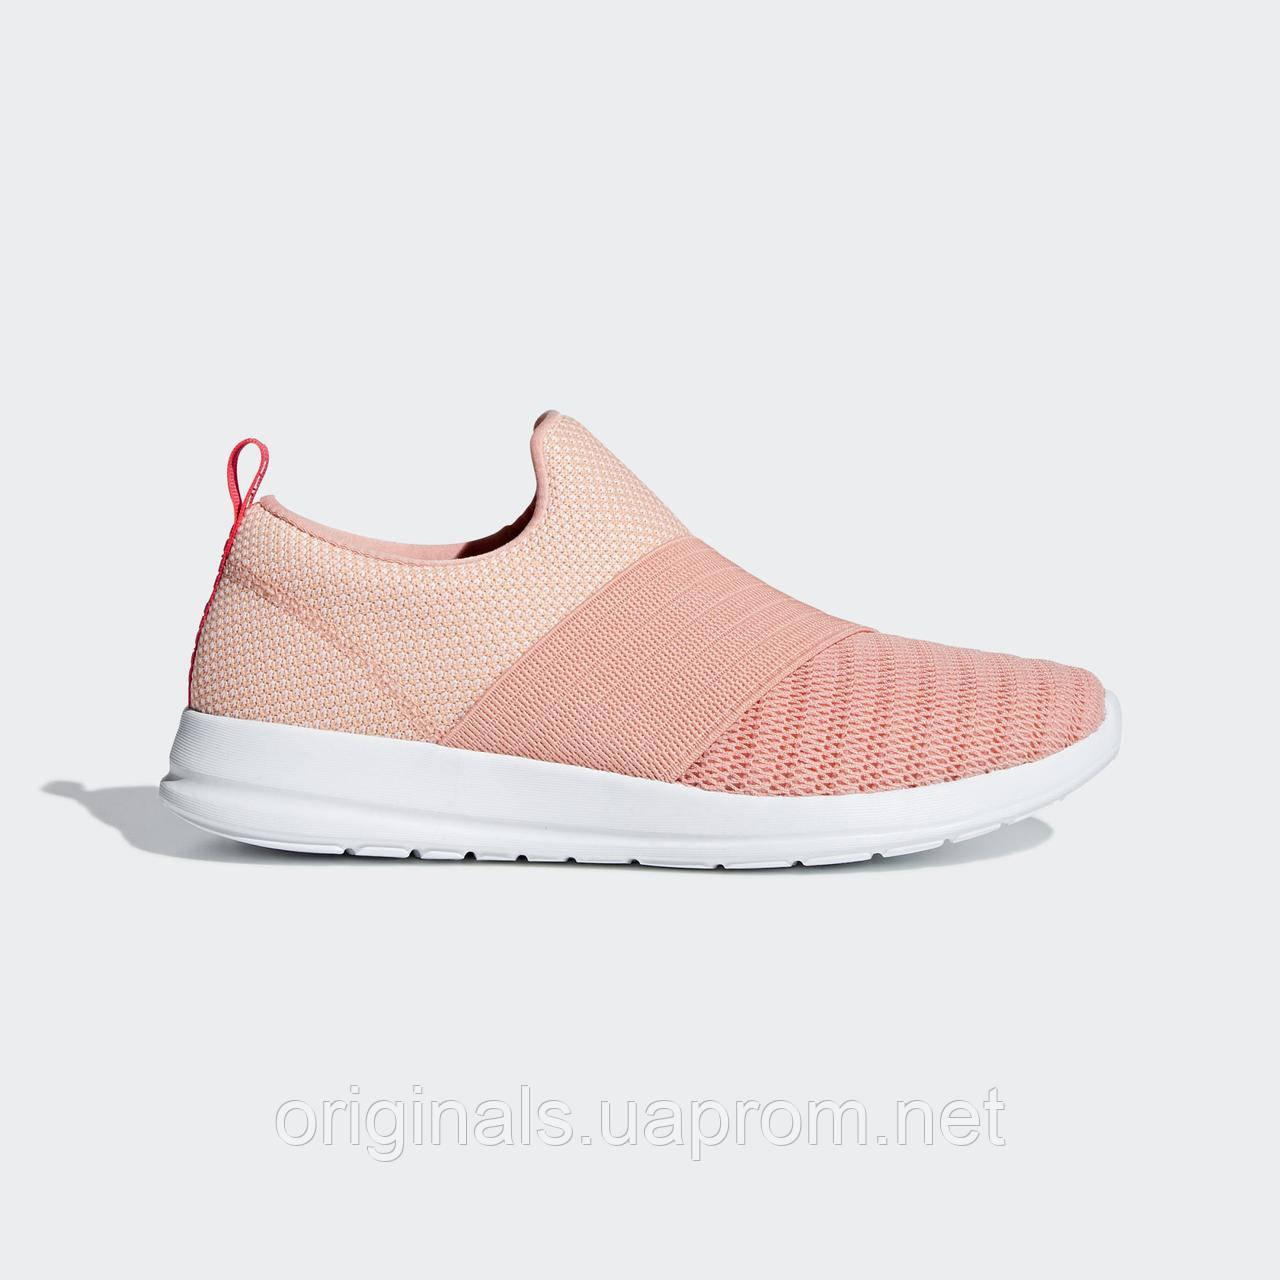 Женские кроссовки Adidas Refine Adapt F34696